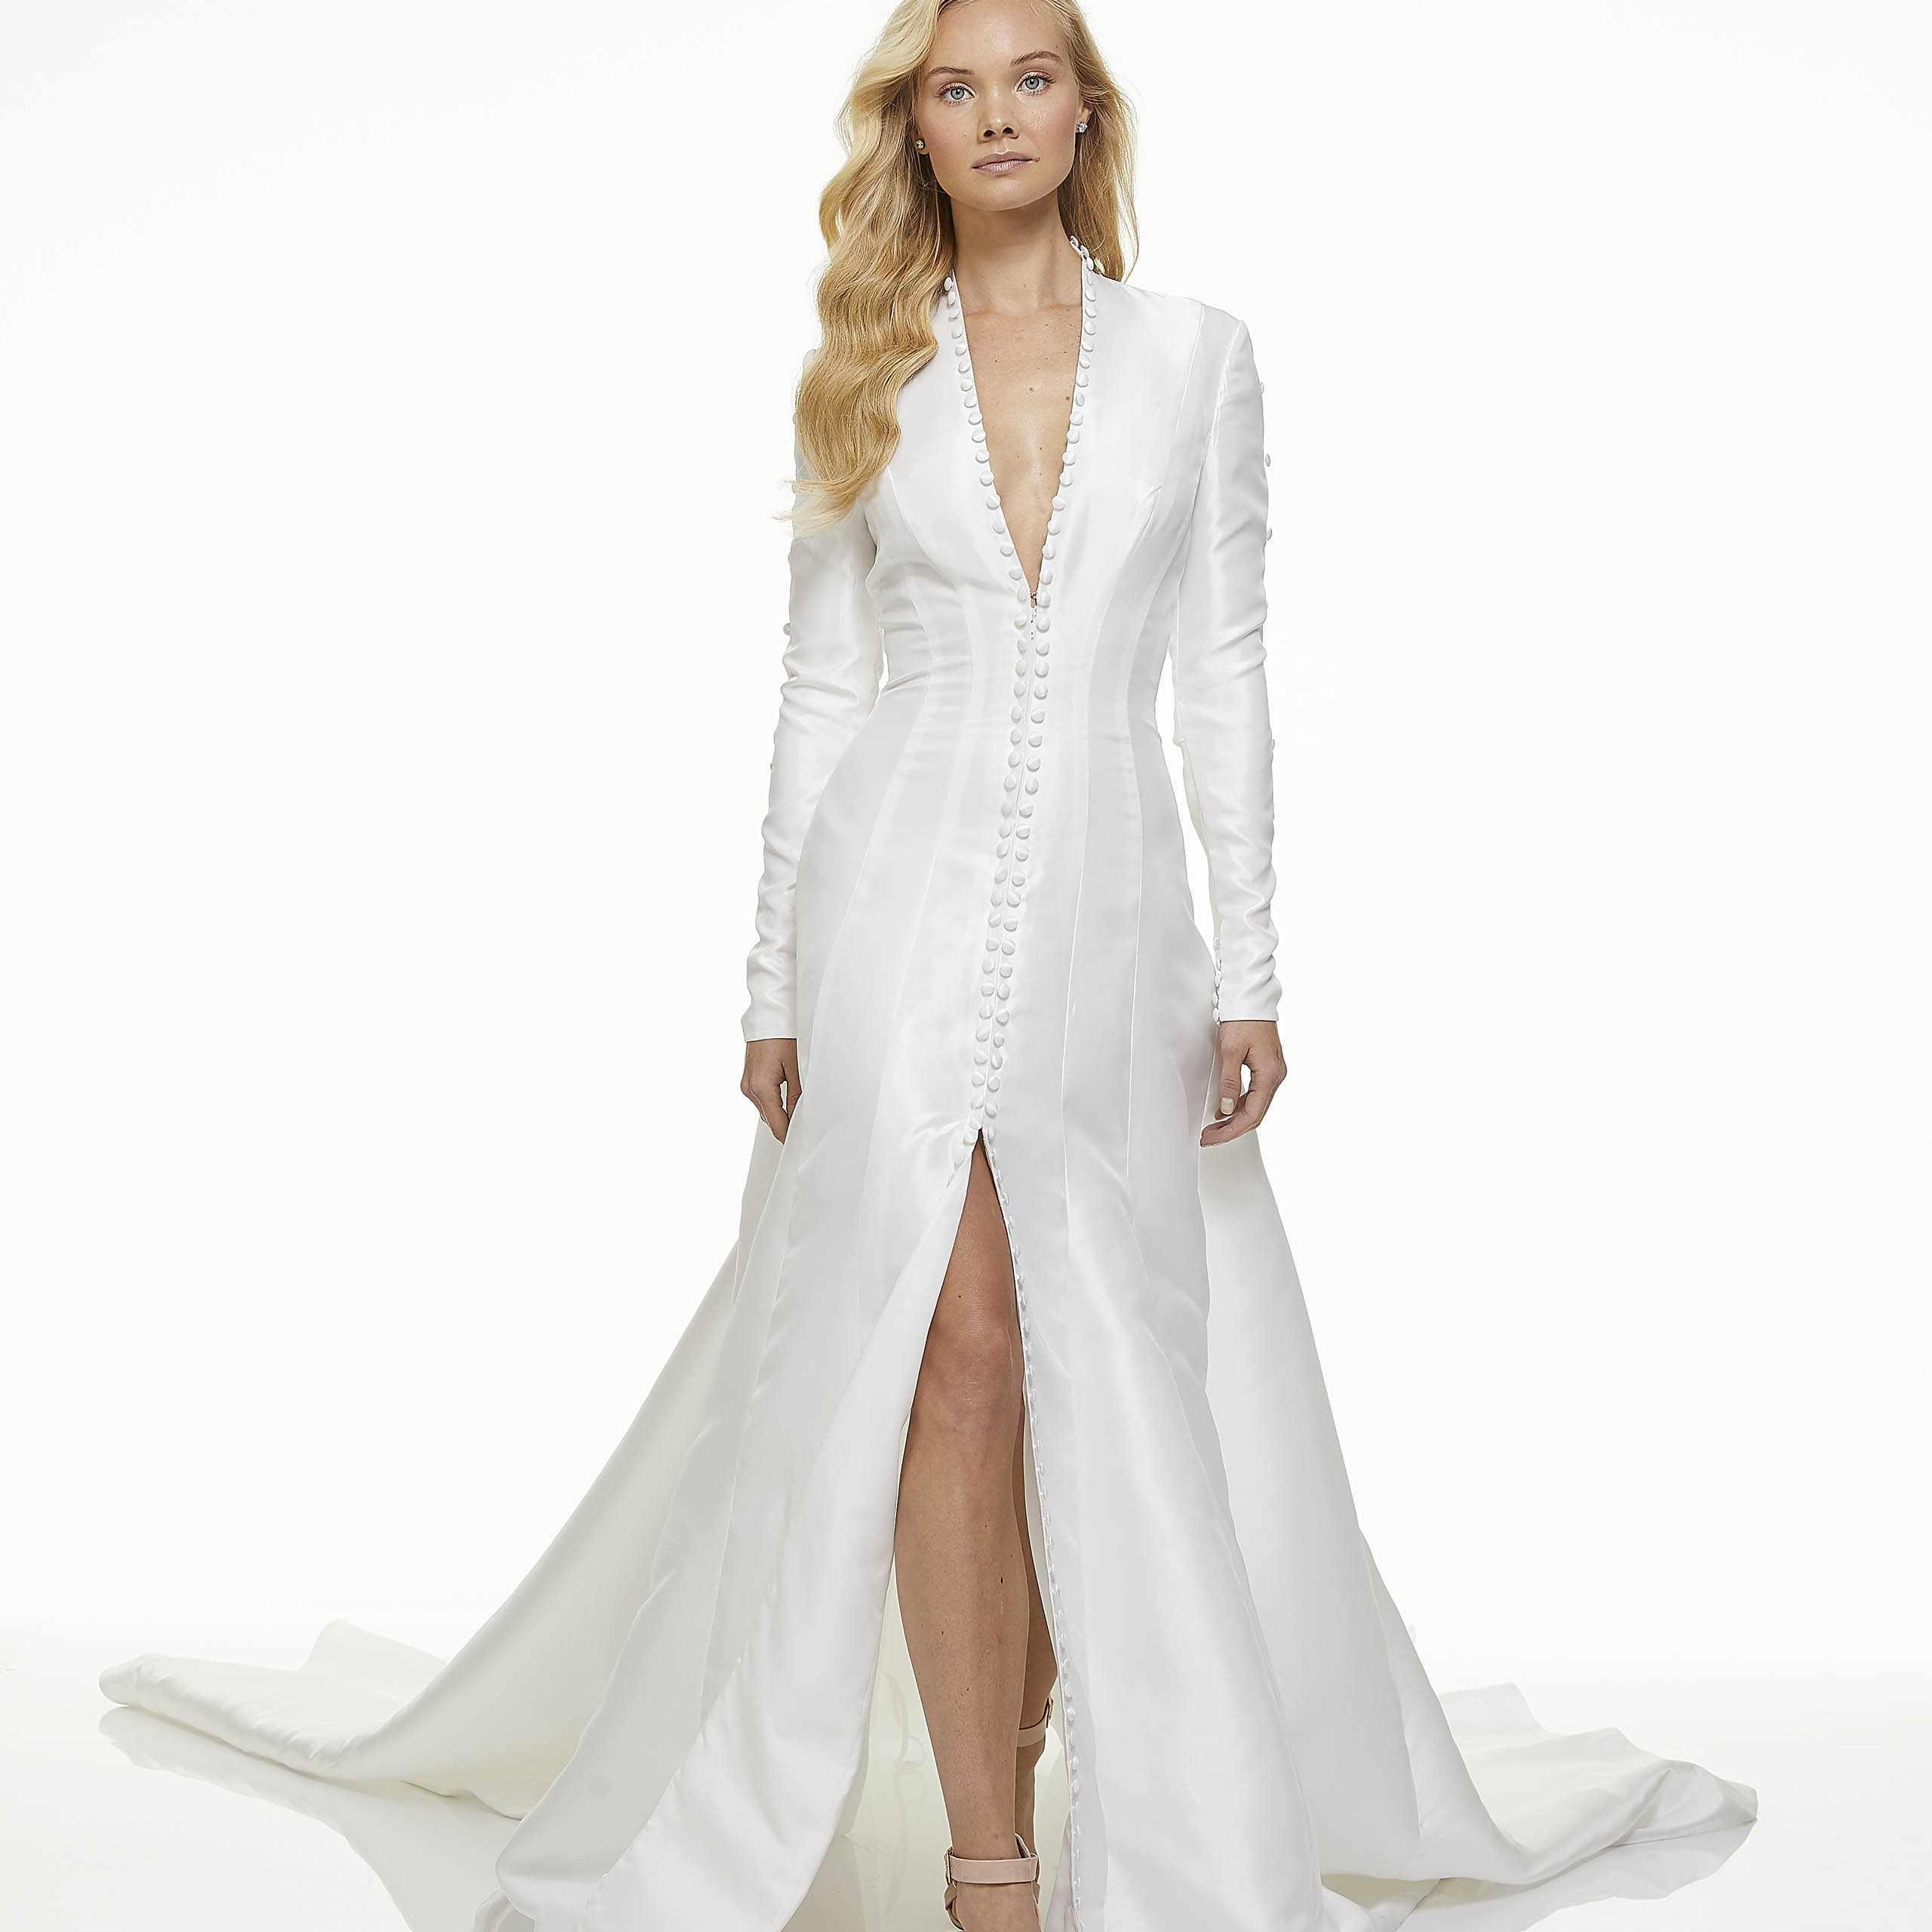 Model in long-sleeve A-line wedding dress